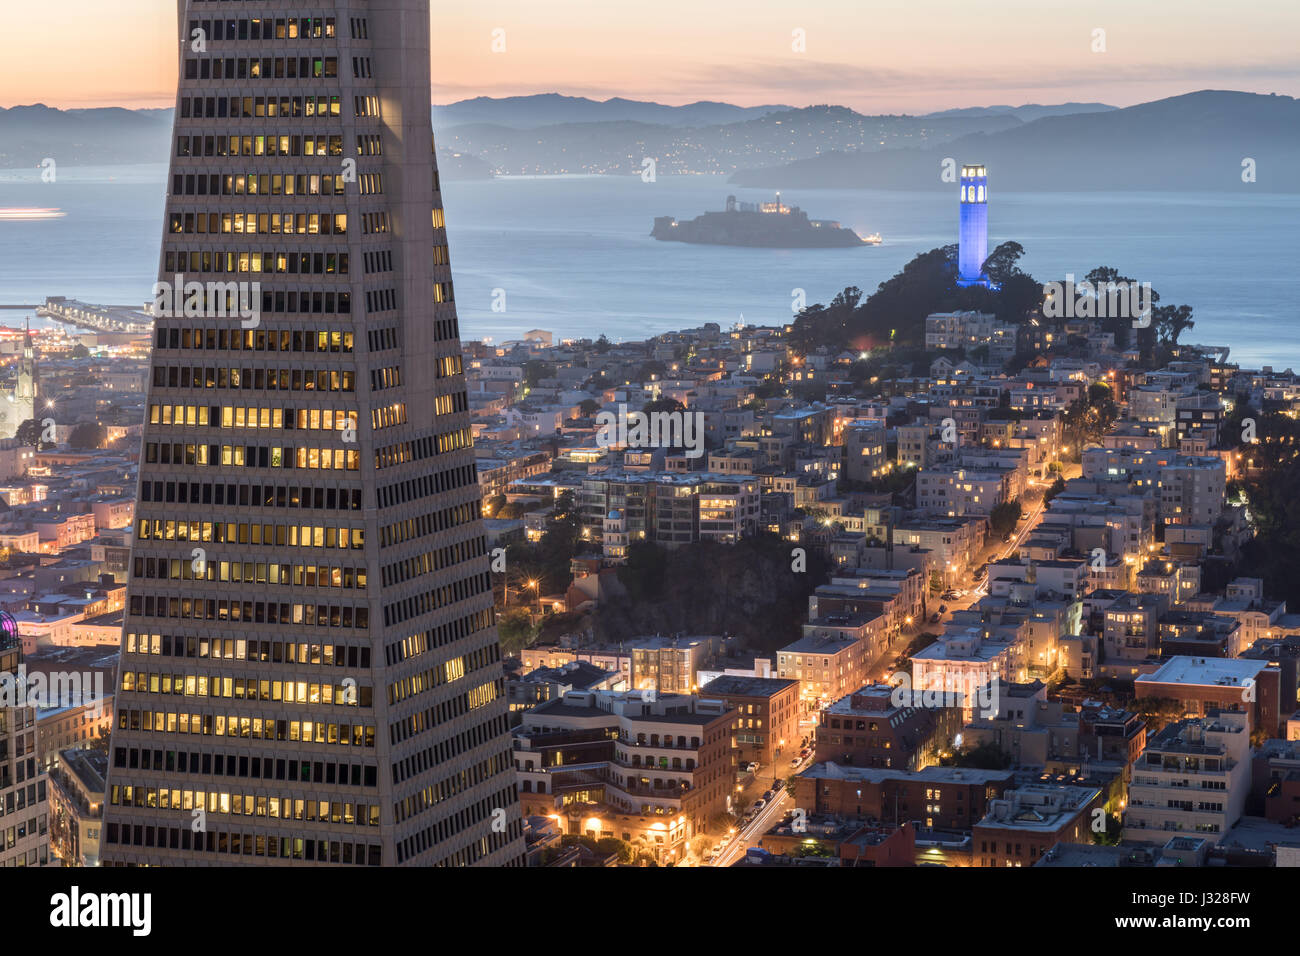 Crepuscolo sopra Telegraph Hill, Isola di Alcatraz e la baia di San Francisco dal quartiere finanziario. Immagini Stock